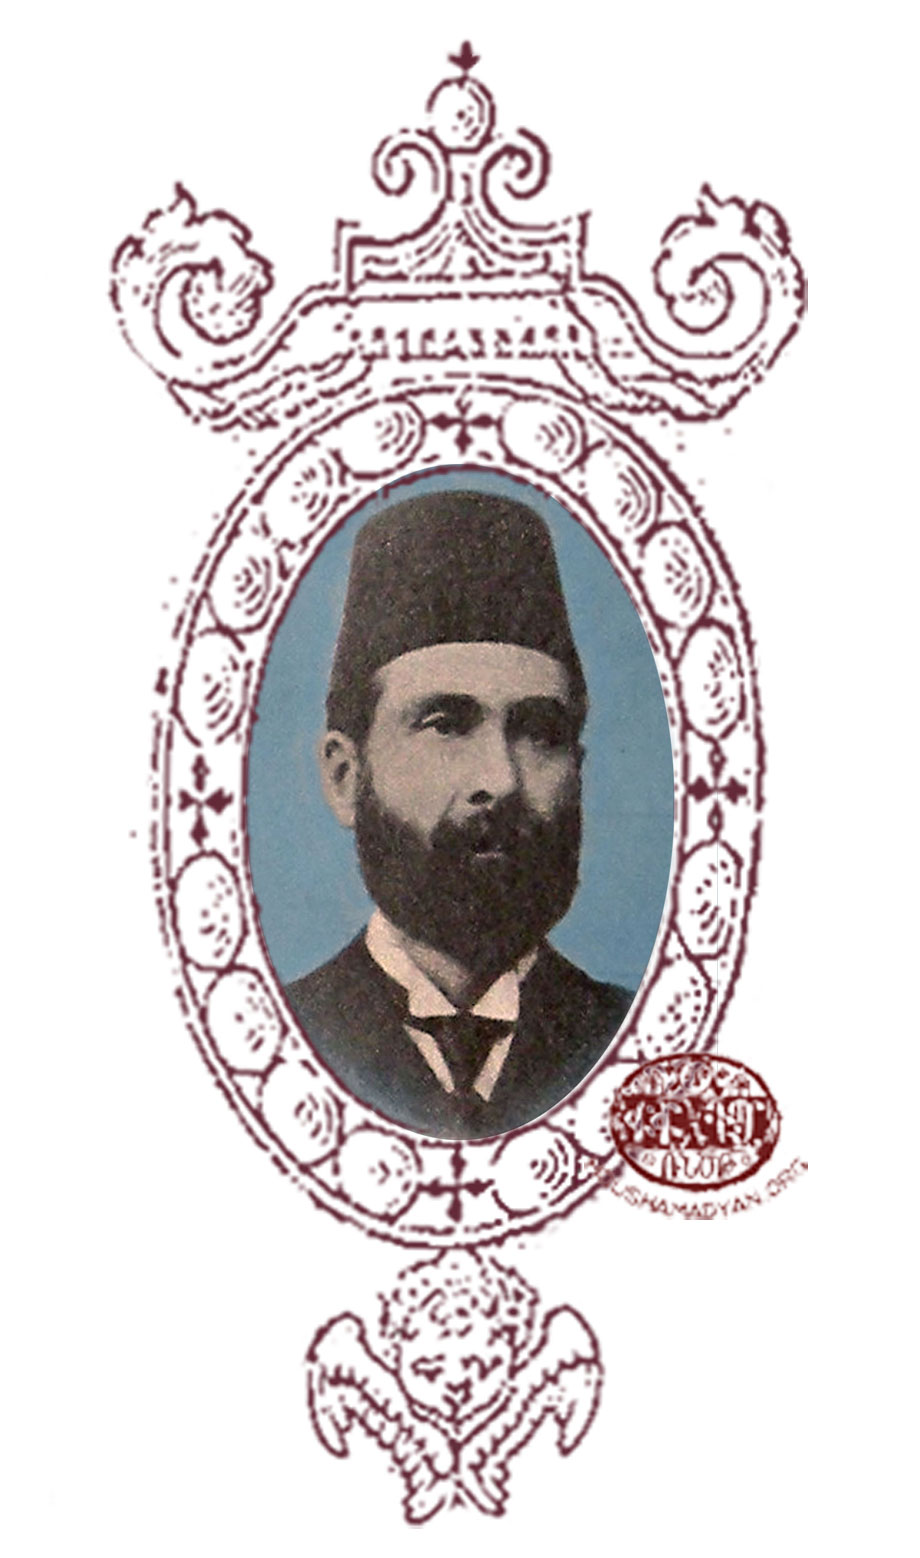 Նիկողոս Թէնէքէճեան